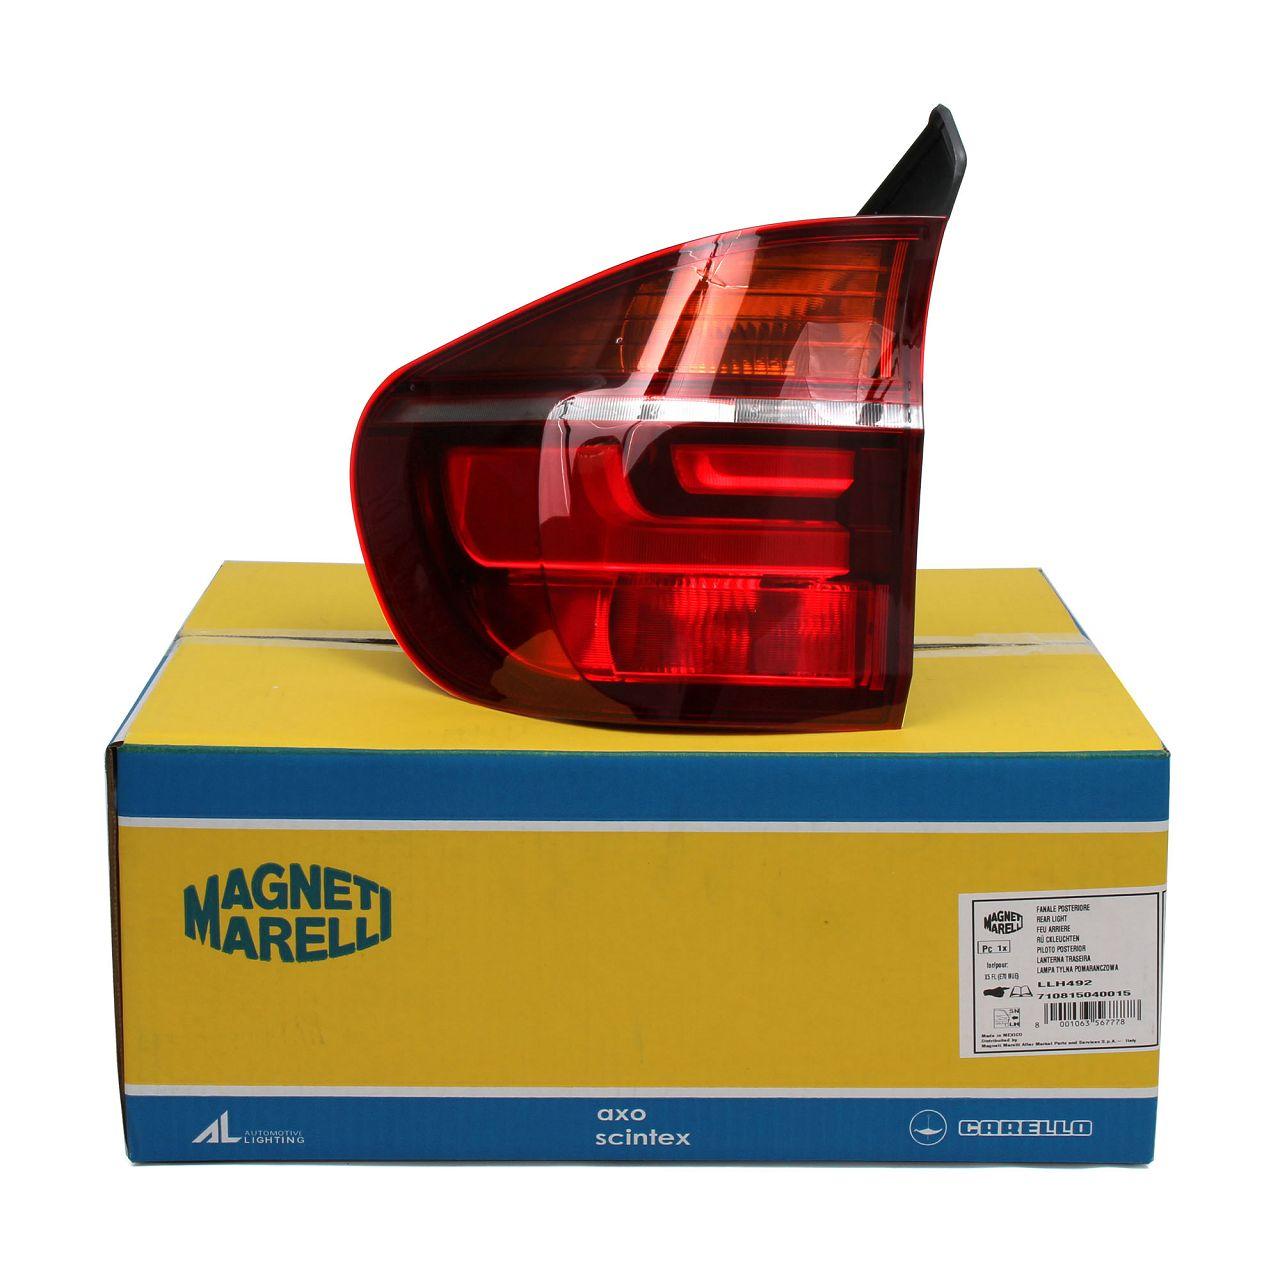 MAGNETI MARELLI Heckleuchte für BMW X5 E70 FACELIFT ab 04.2010 AUSSEN LINKS